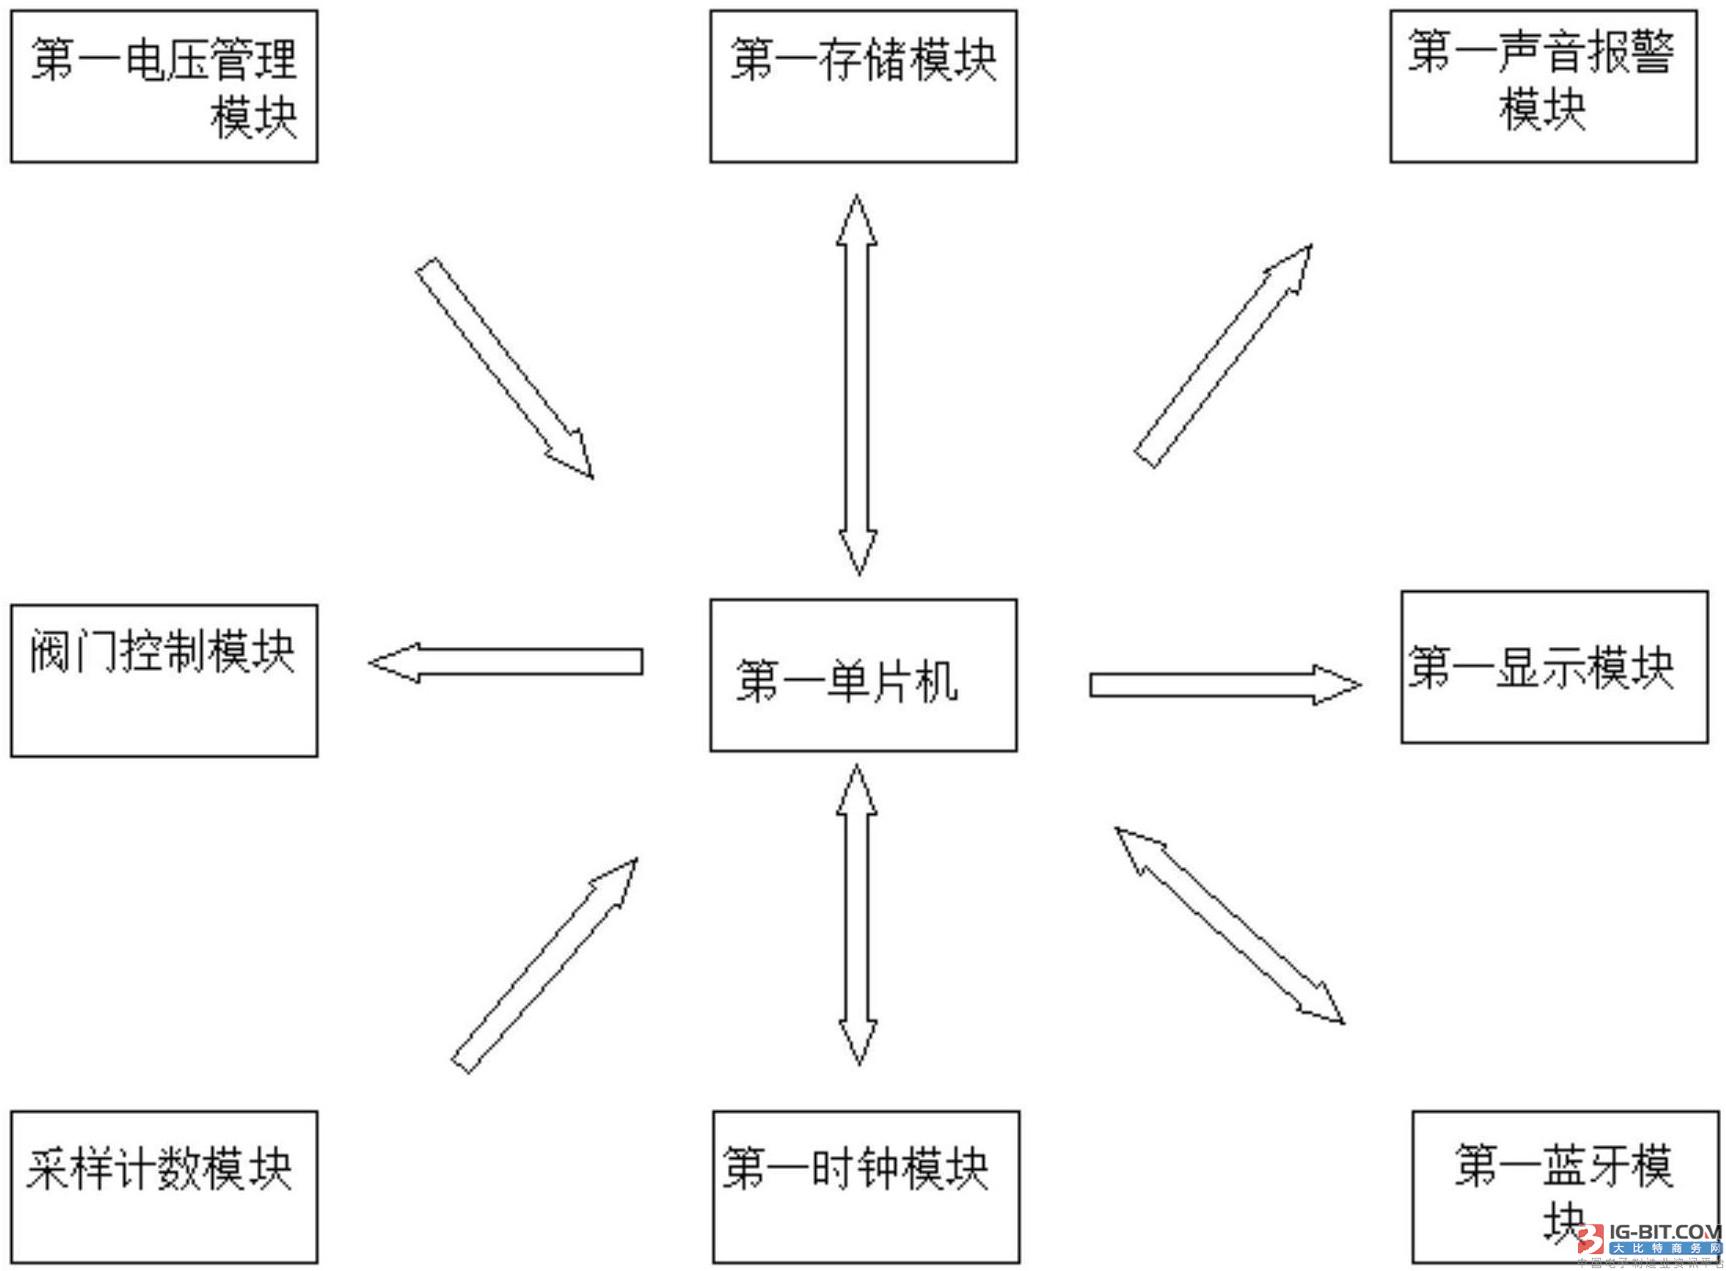 【仪表专利】基于网关和BLE的智能燃气表系统